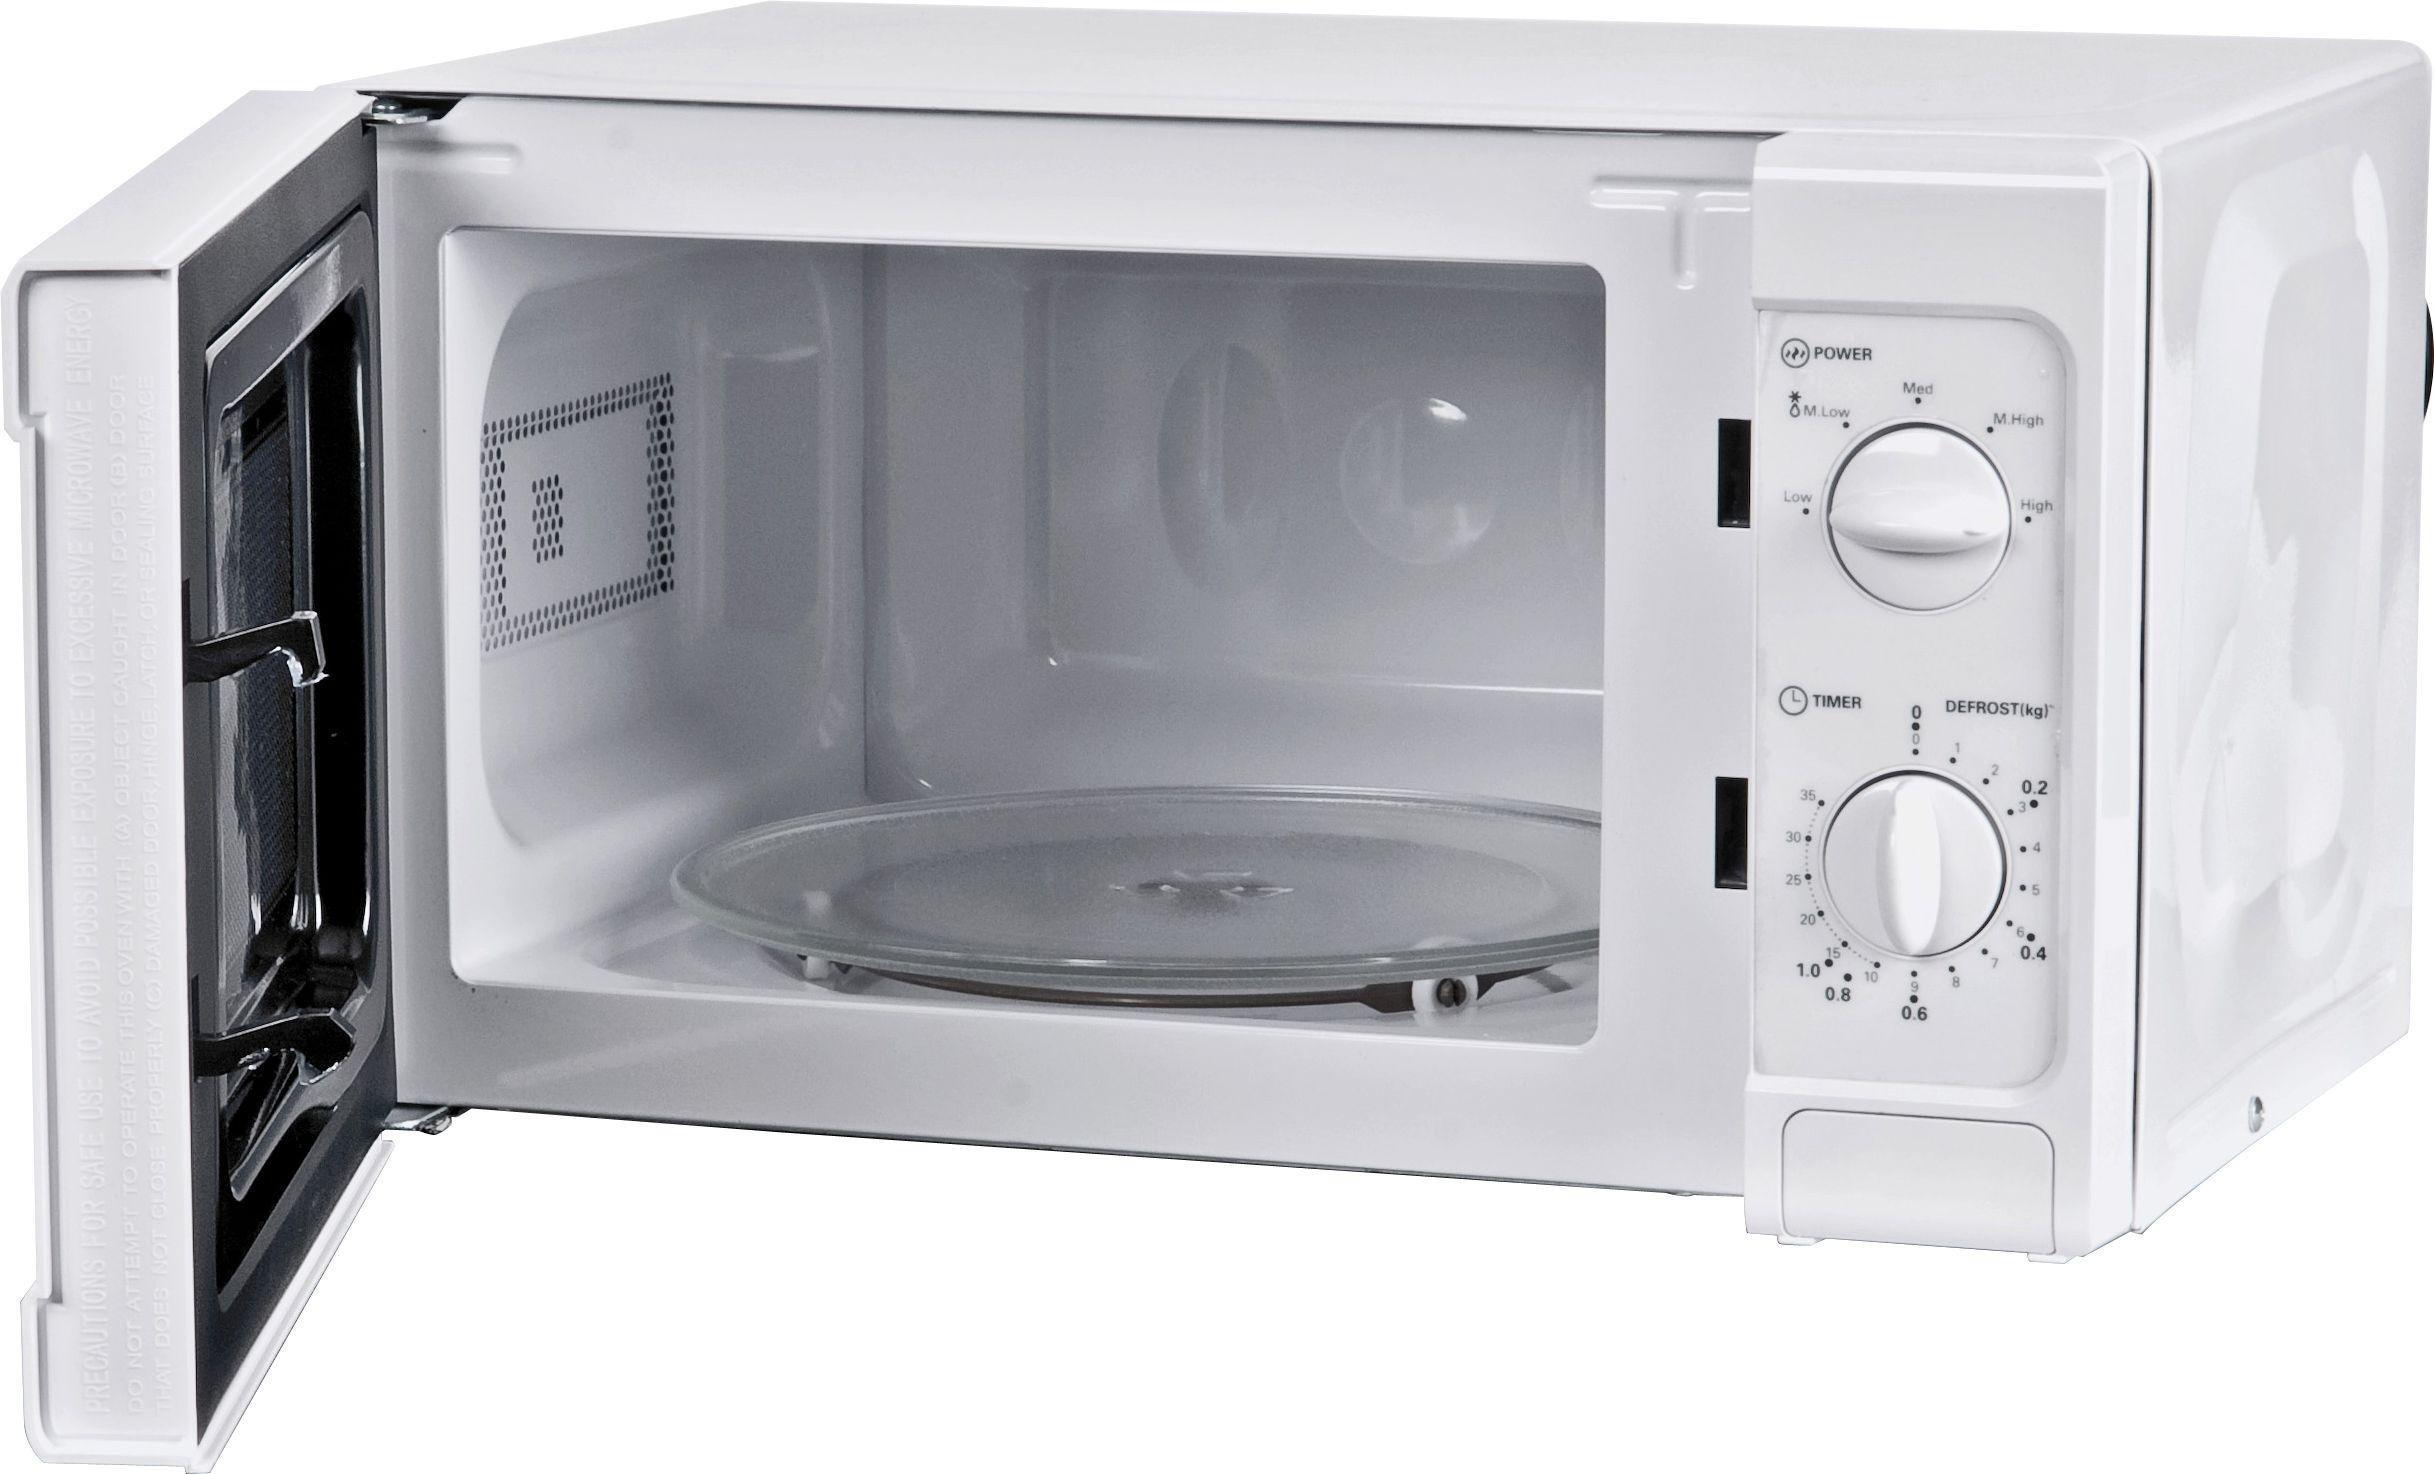 Watt Microwave Uk Russell Hobbs Rhm2064r 800 Watt Red